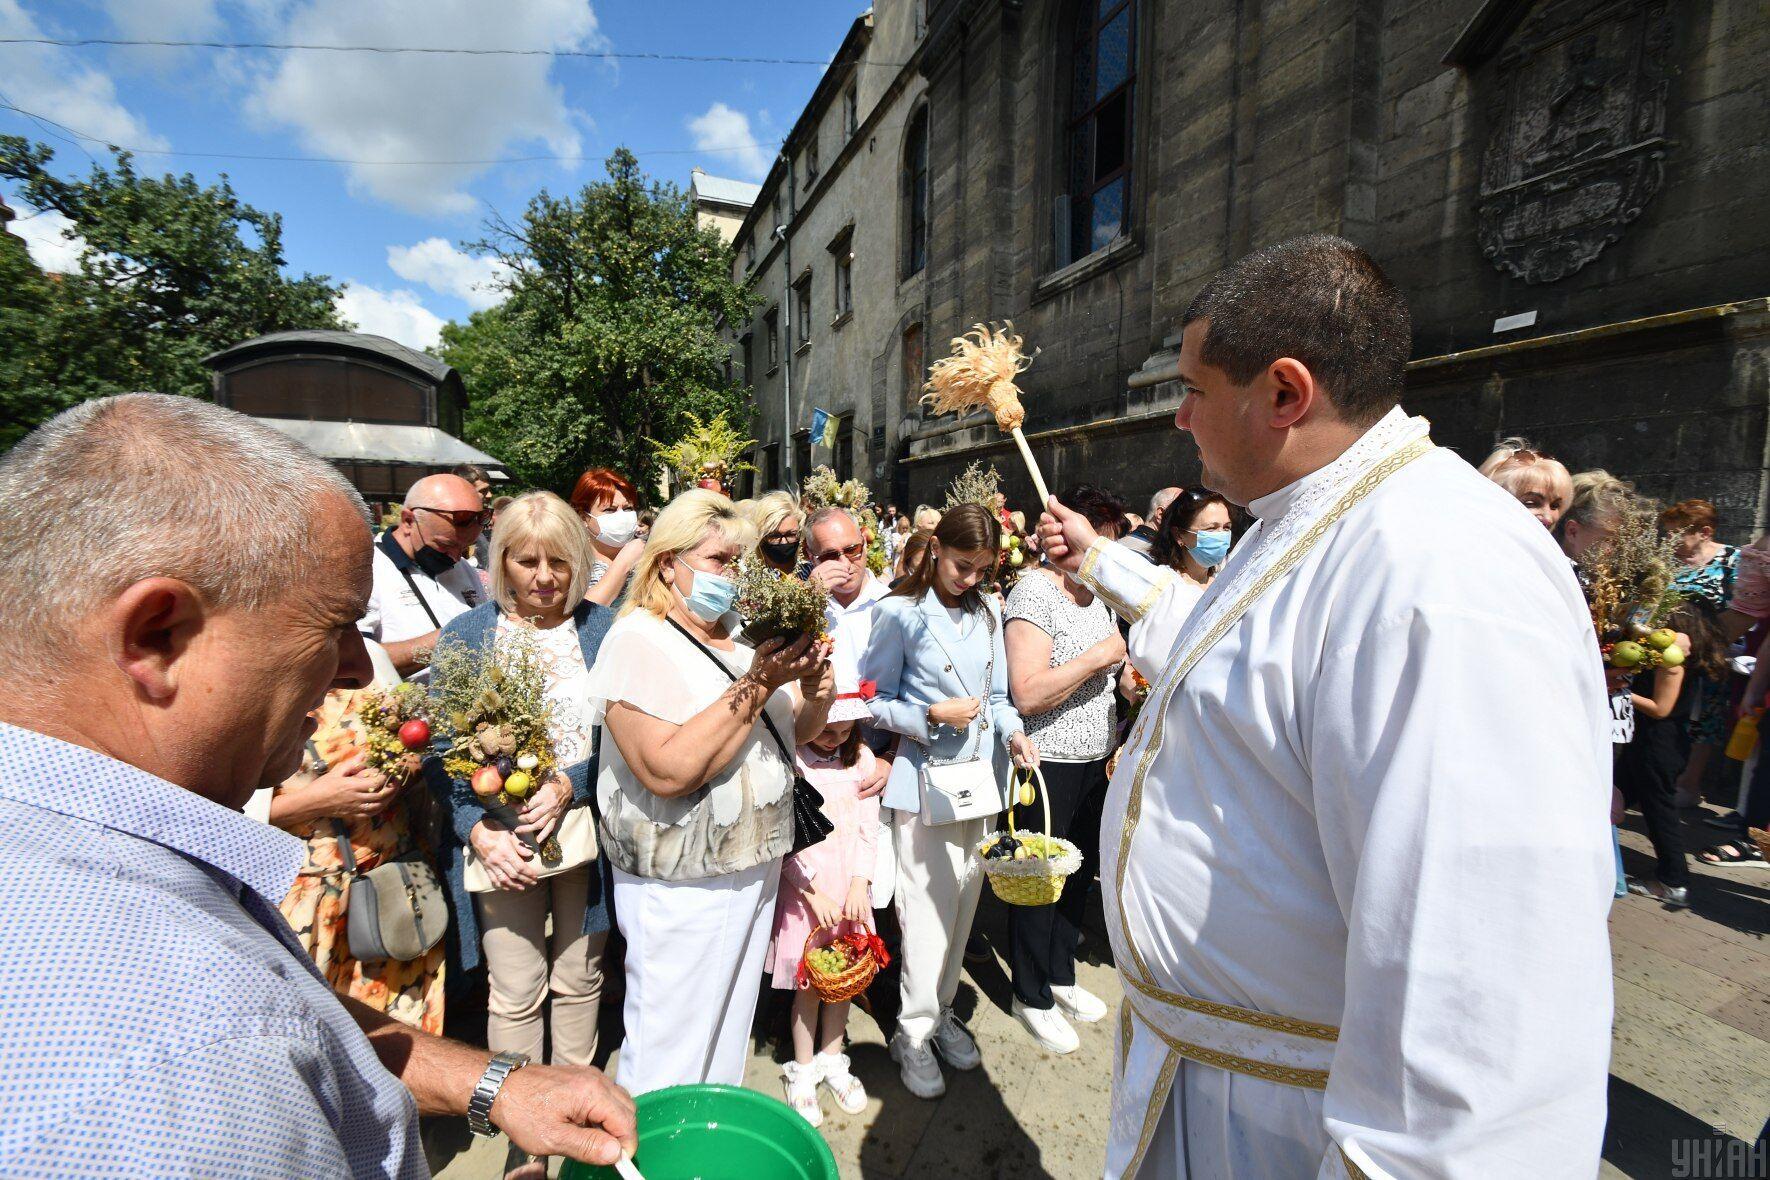 На Третій Спас віряни йдуть до церкви, щоб помолитися і освятити дари природи